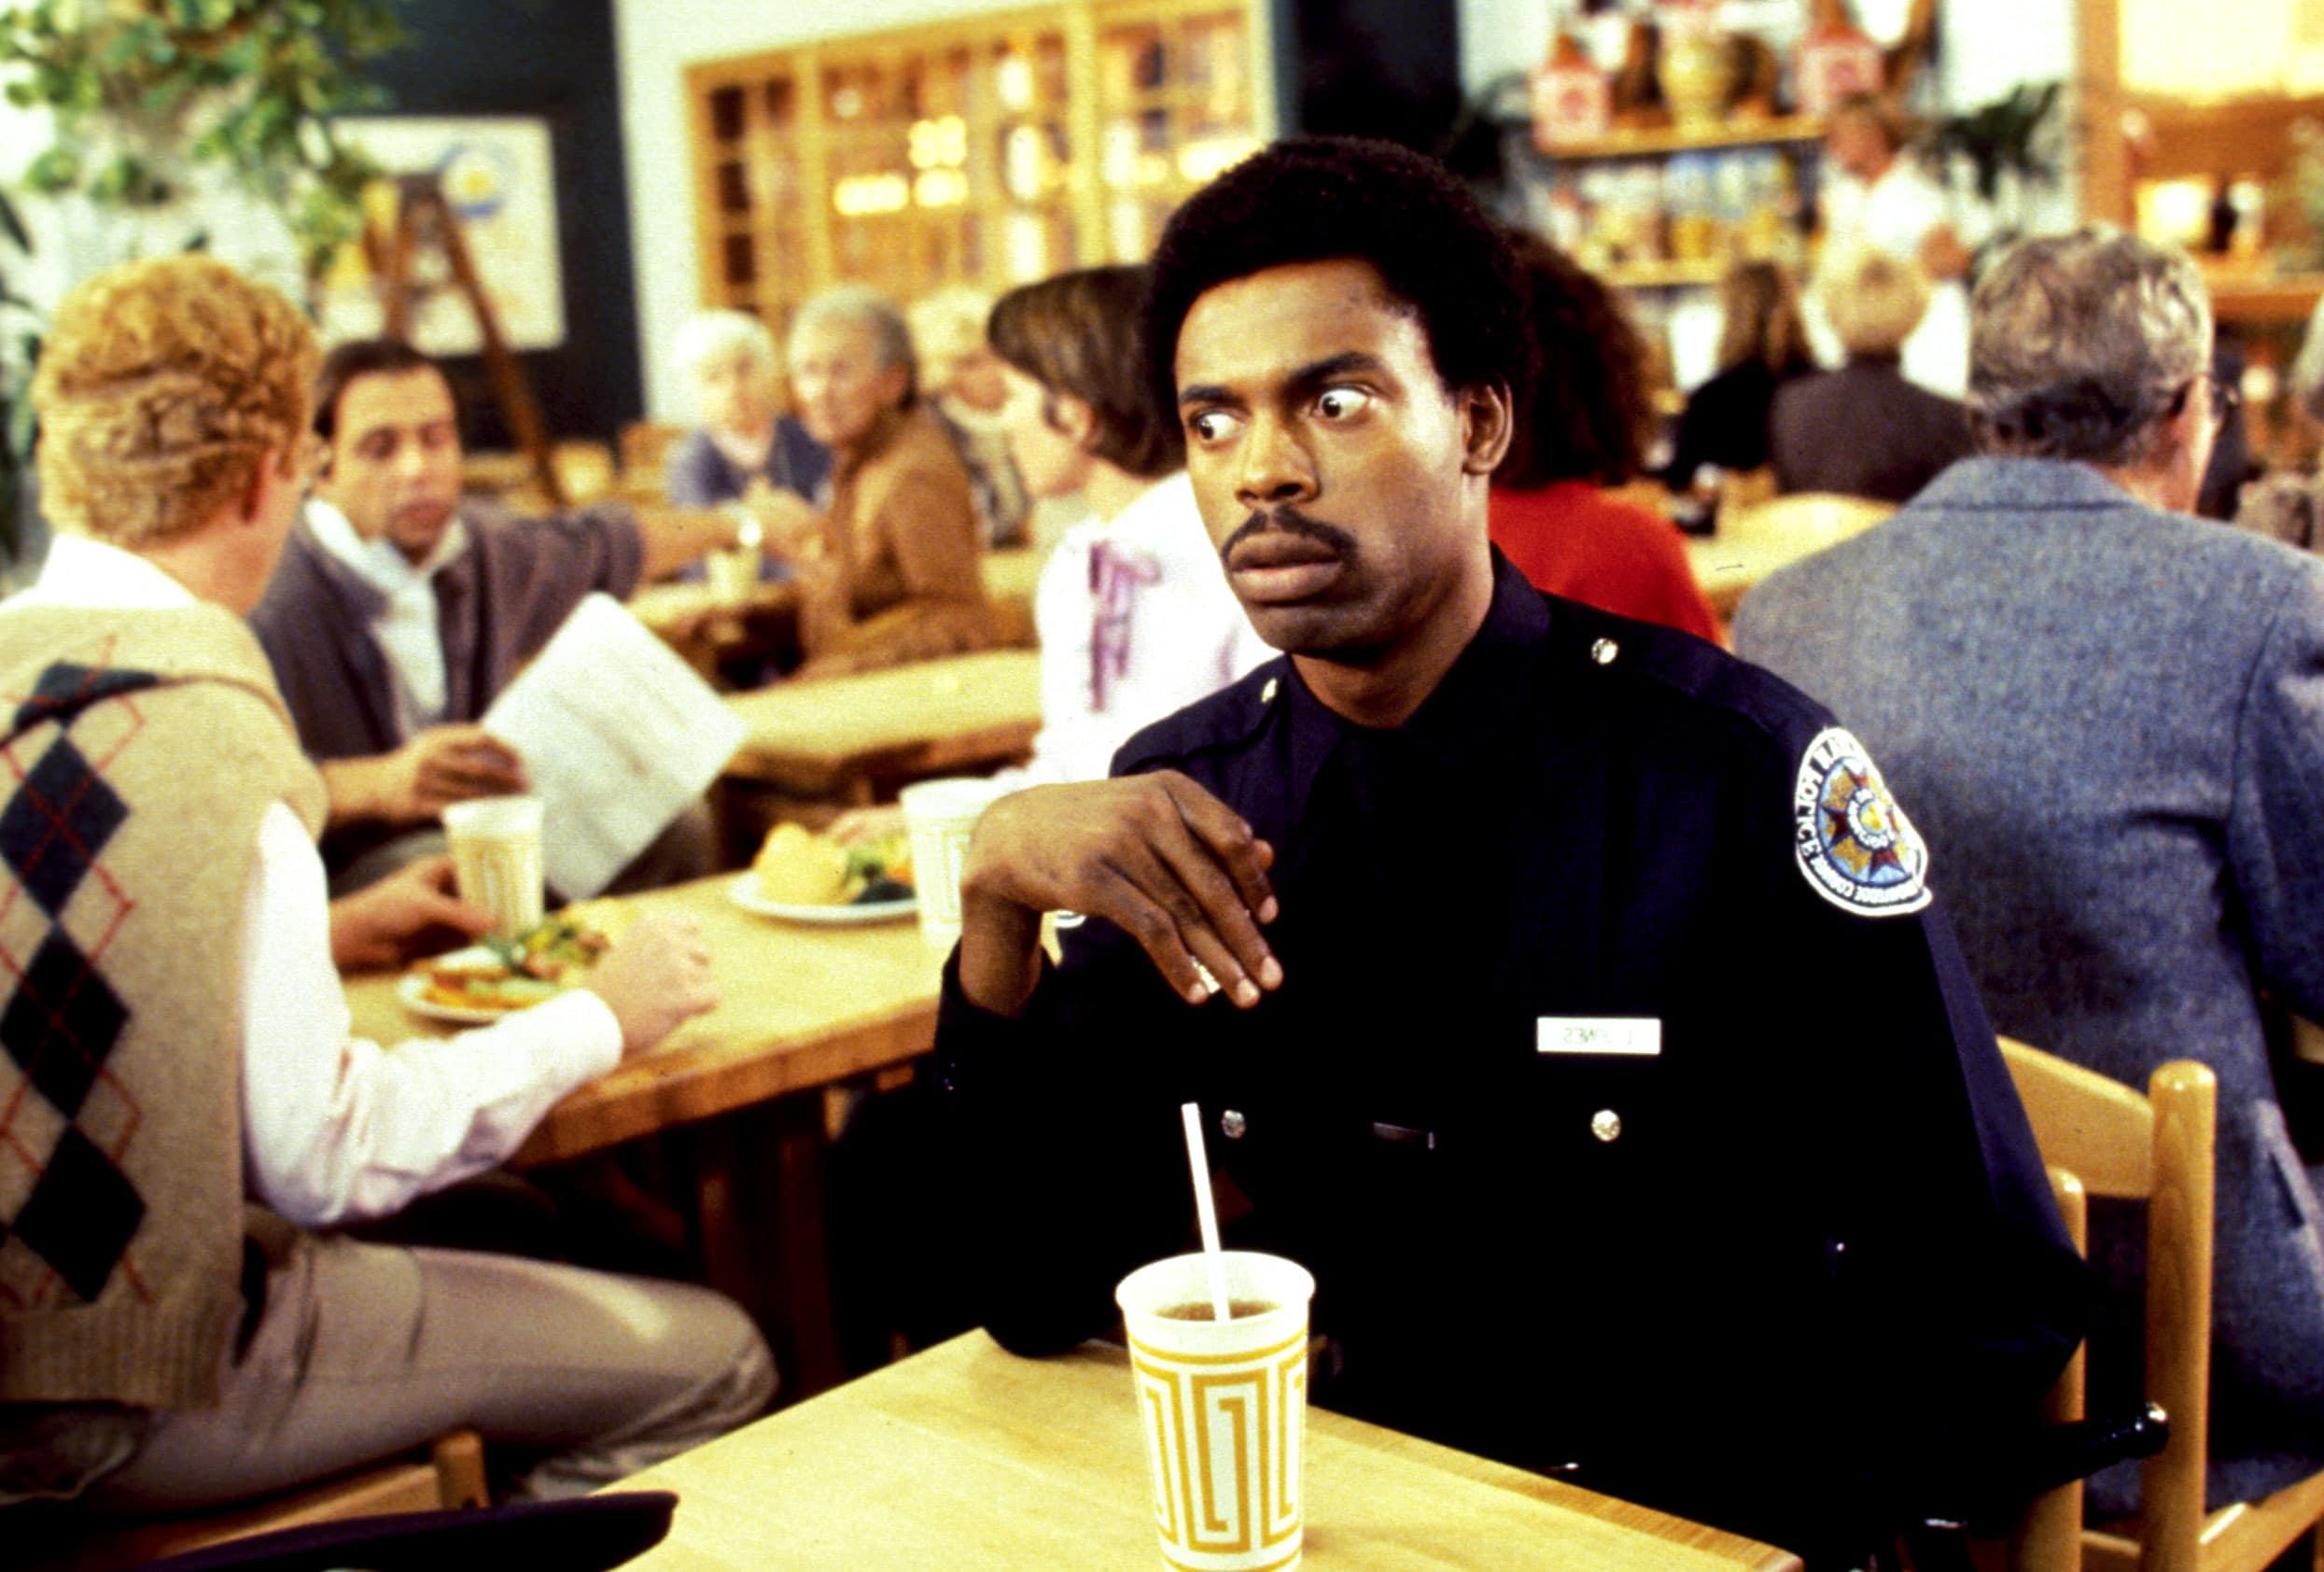 POLICE ACADEMY II, Michael Winslow, 1985